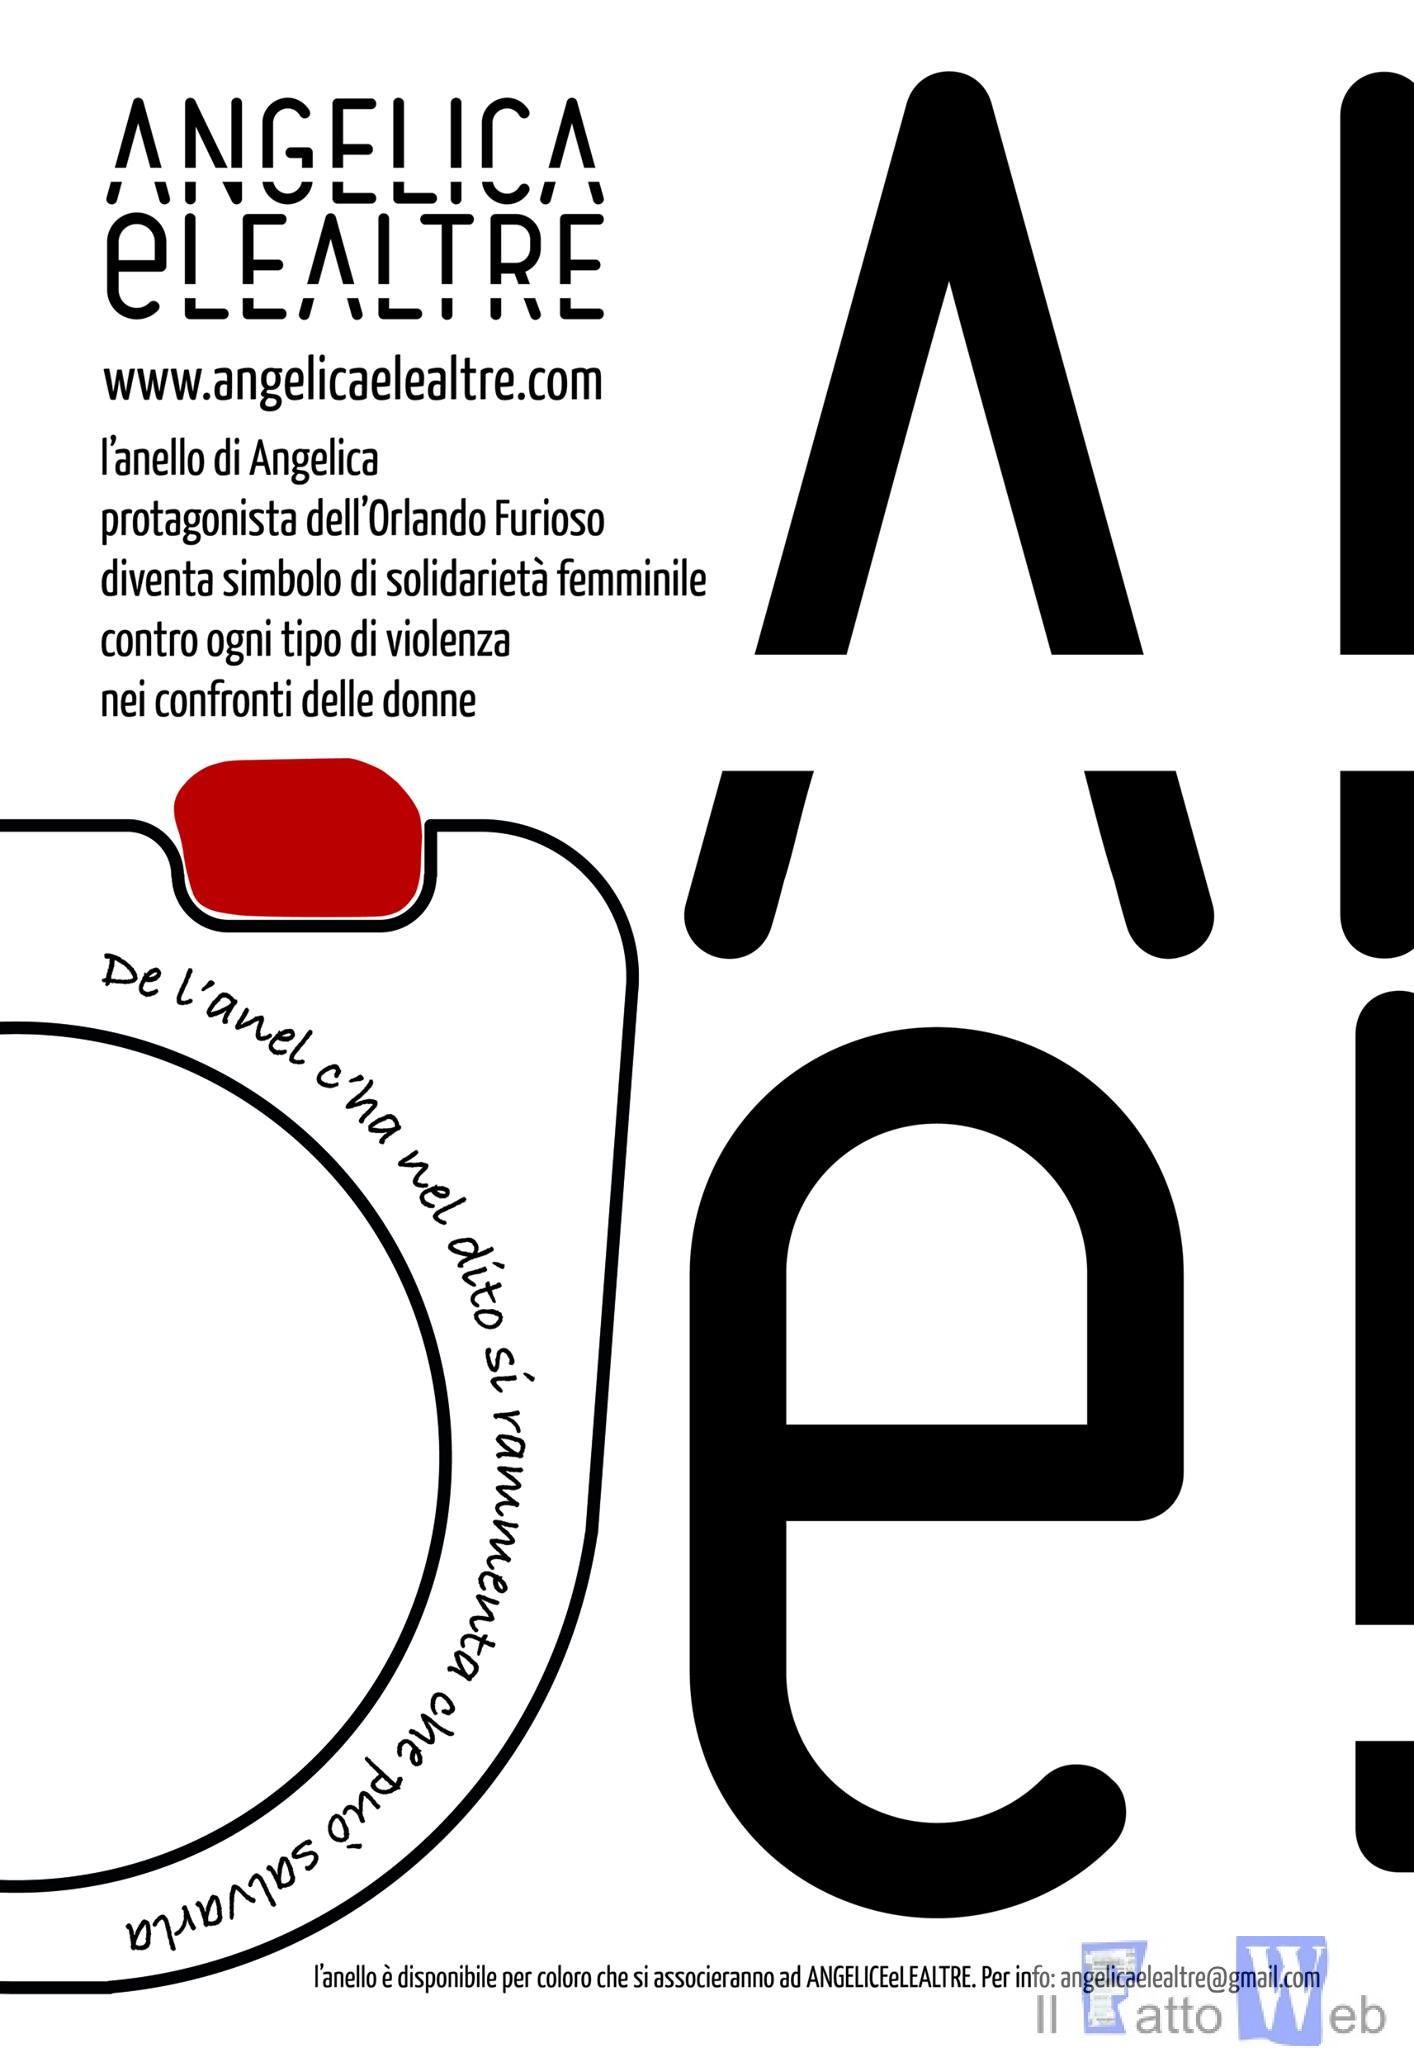 ANGELICAeLEALTRE, un progetto per la lotta contro ogni tipo di violenza sulle donne